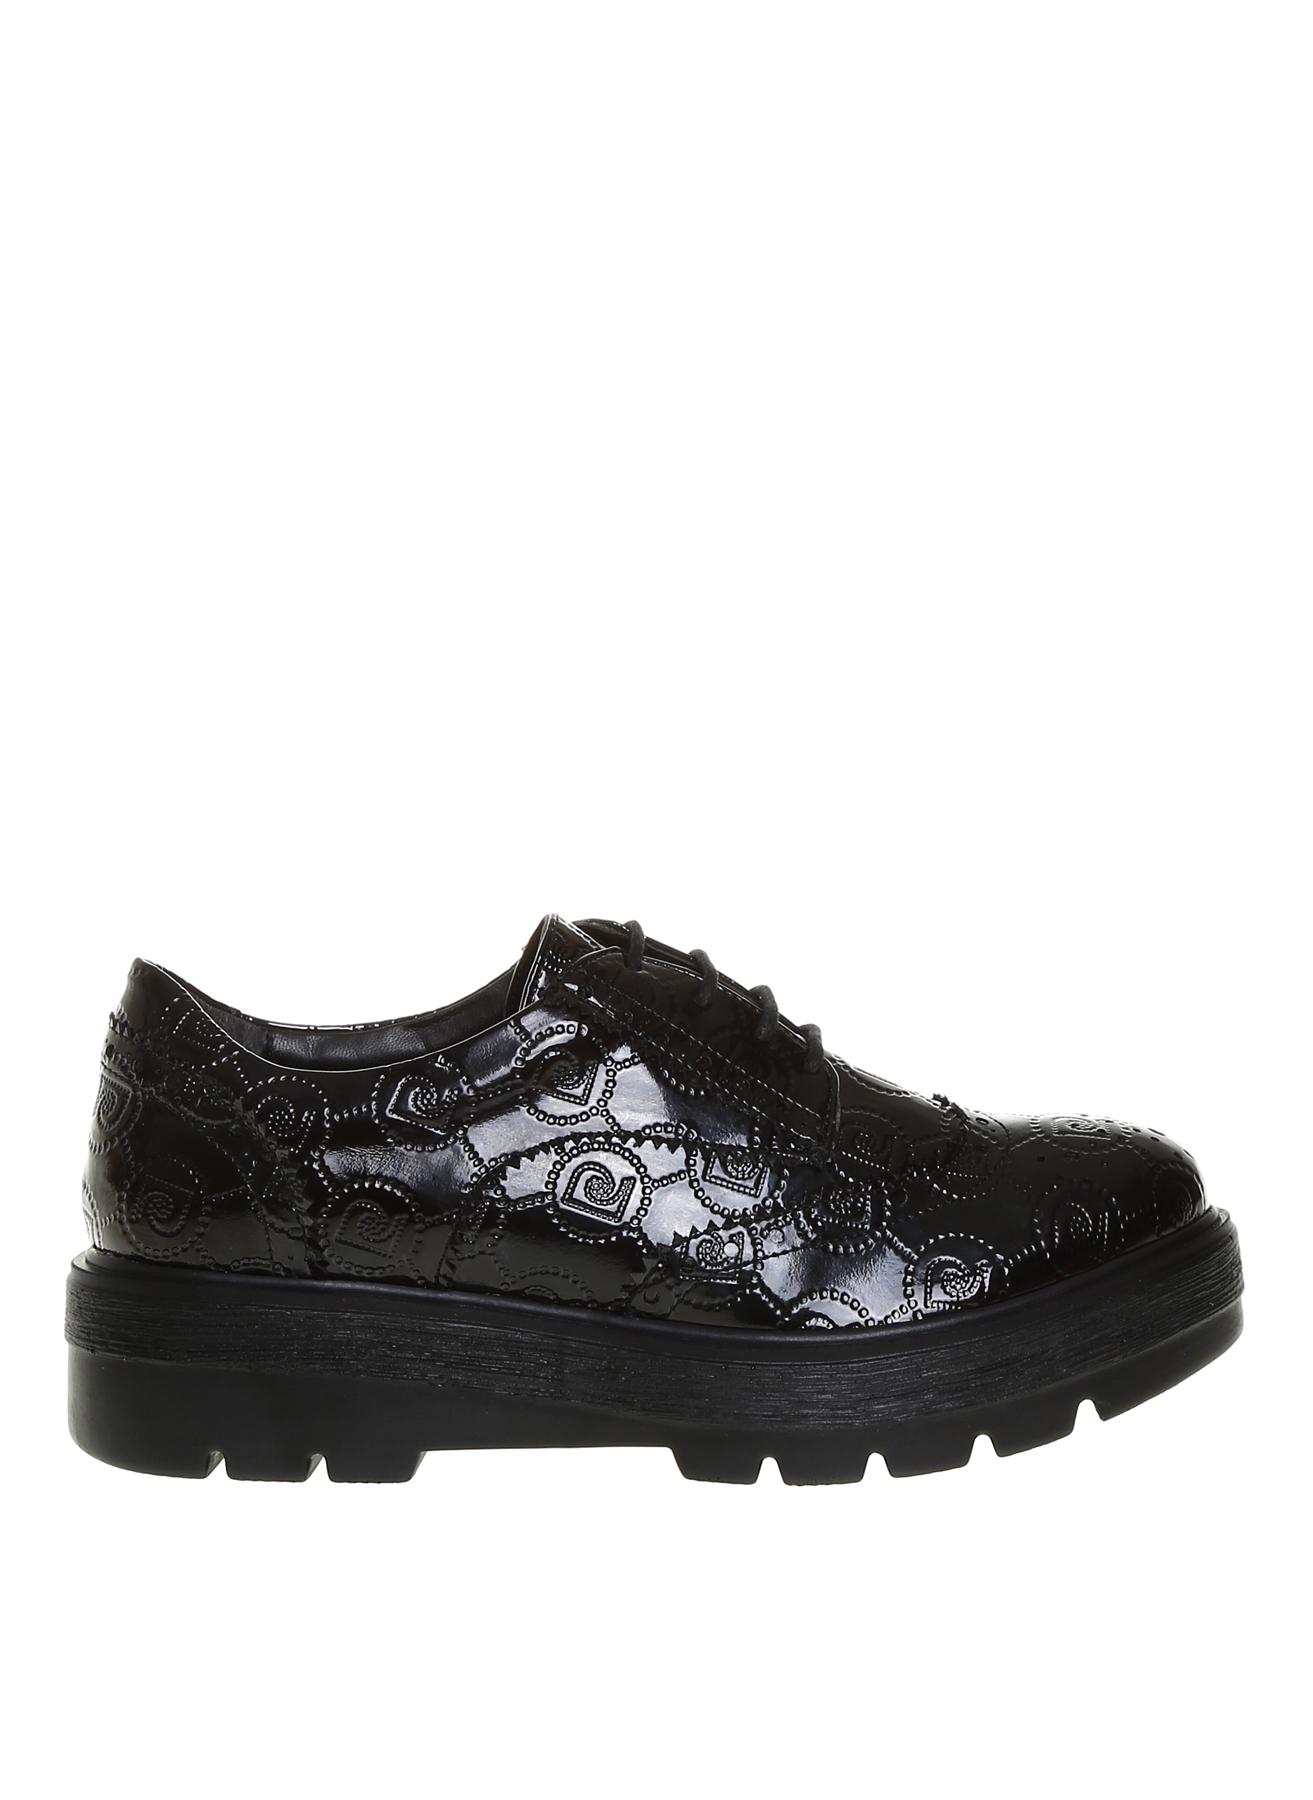 Pierre Cardin Düz Ayakkabı 40 5001704642005 Ürün Resmi